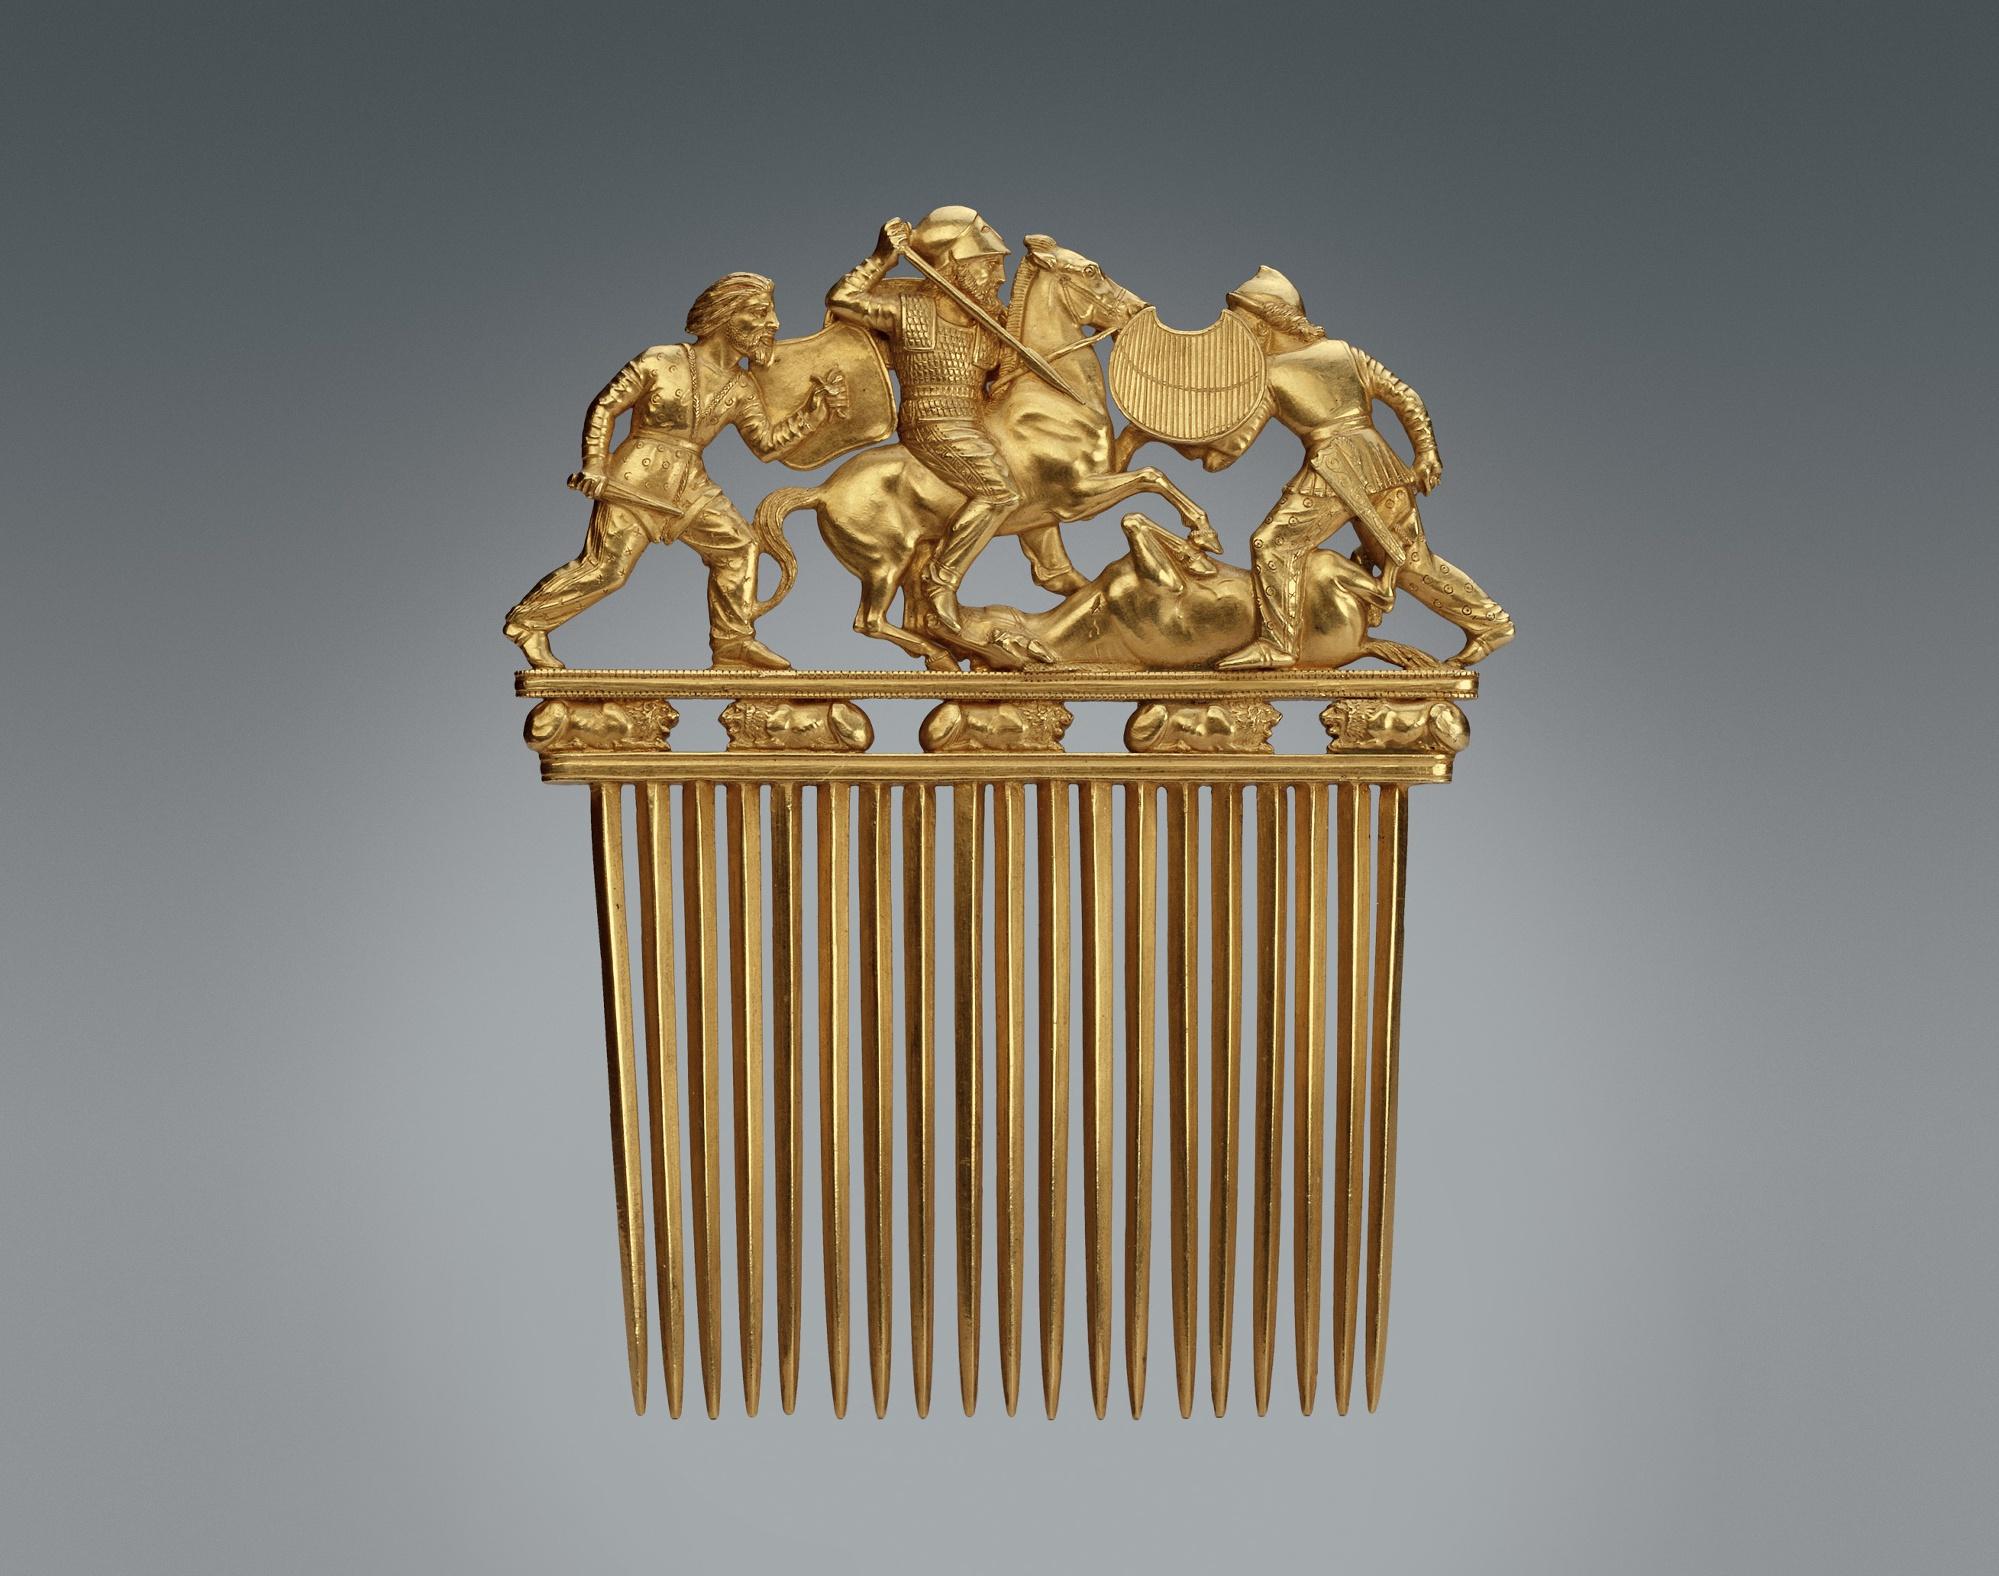 Золотой гребень из кургана Солоха в Золотой кладовой Эрмитажа